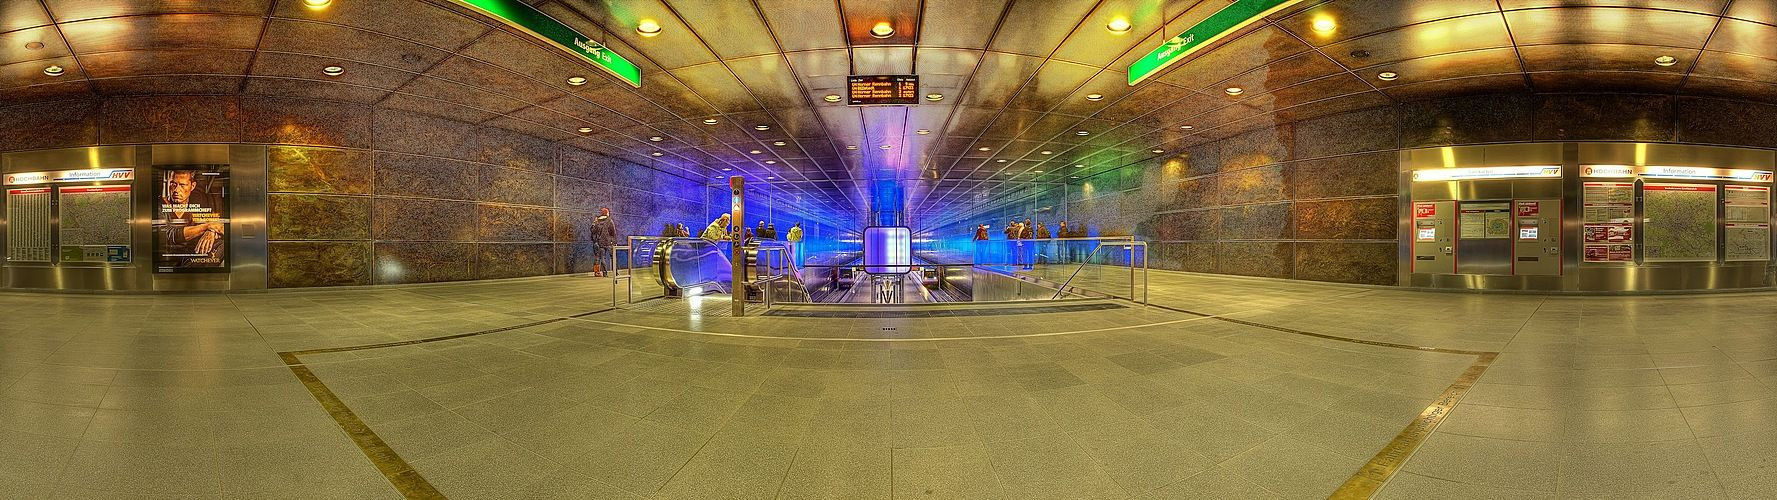 - U Bahn Station -